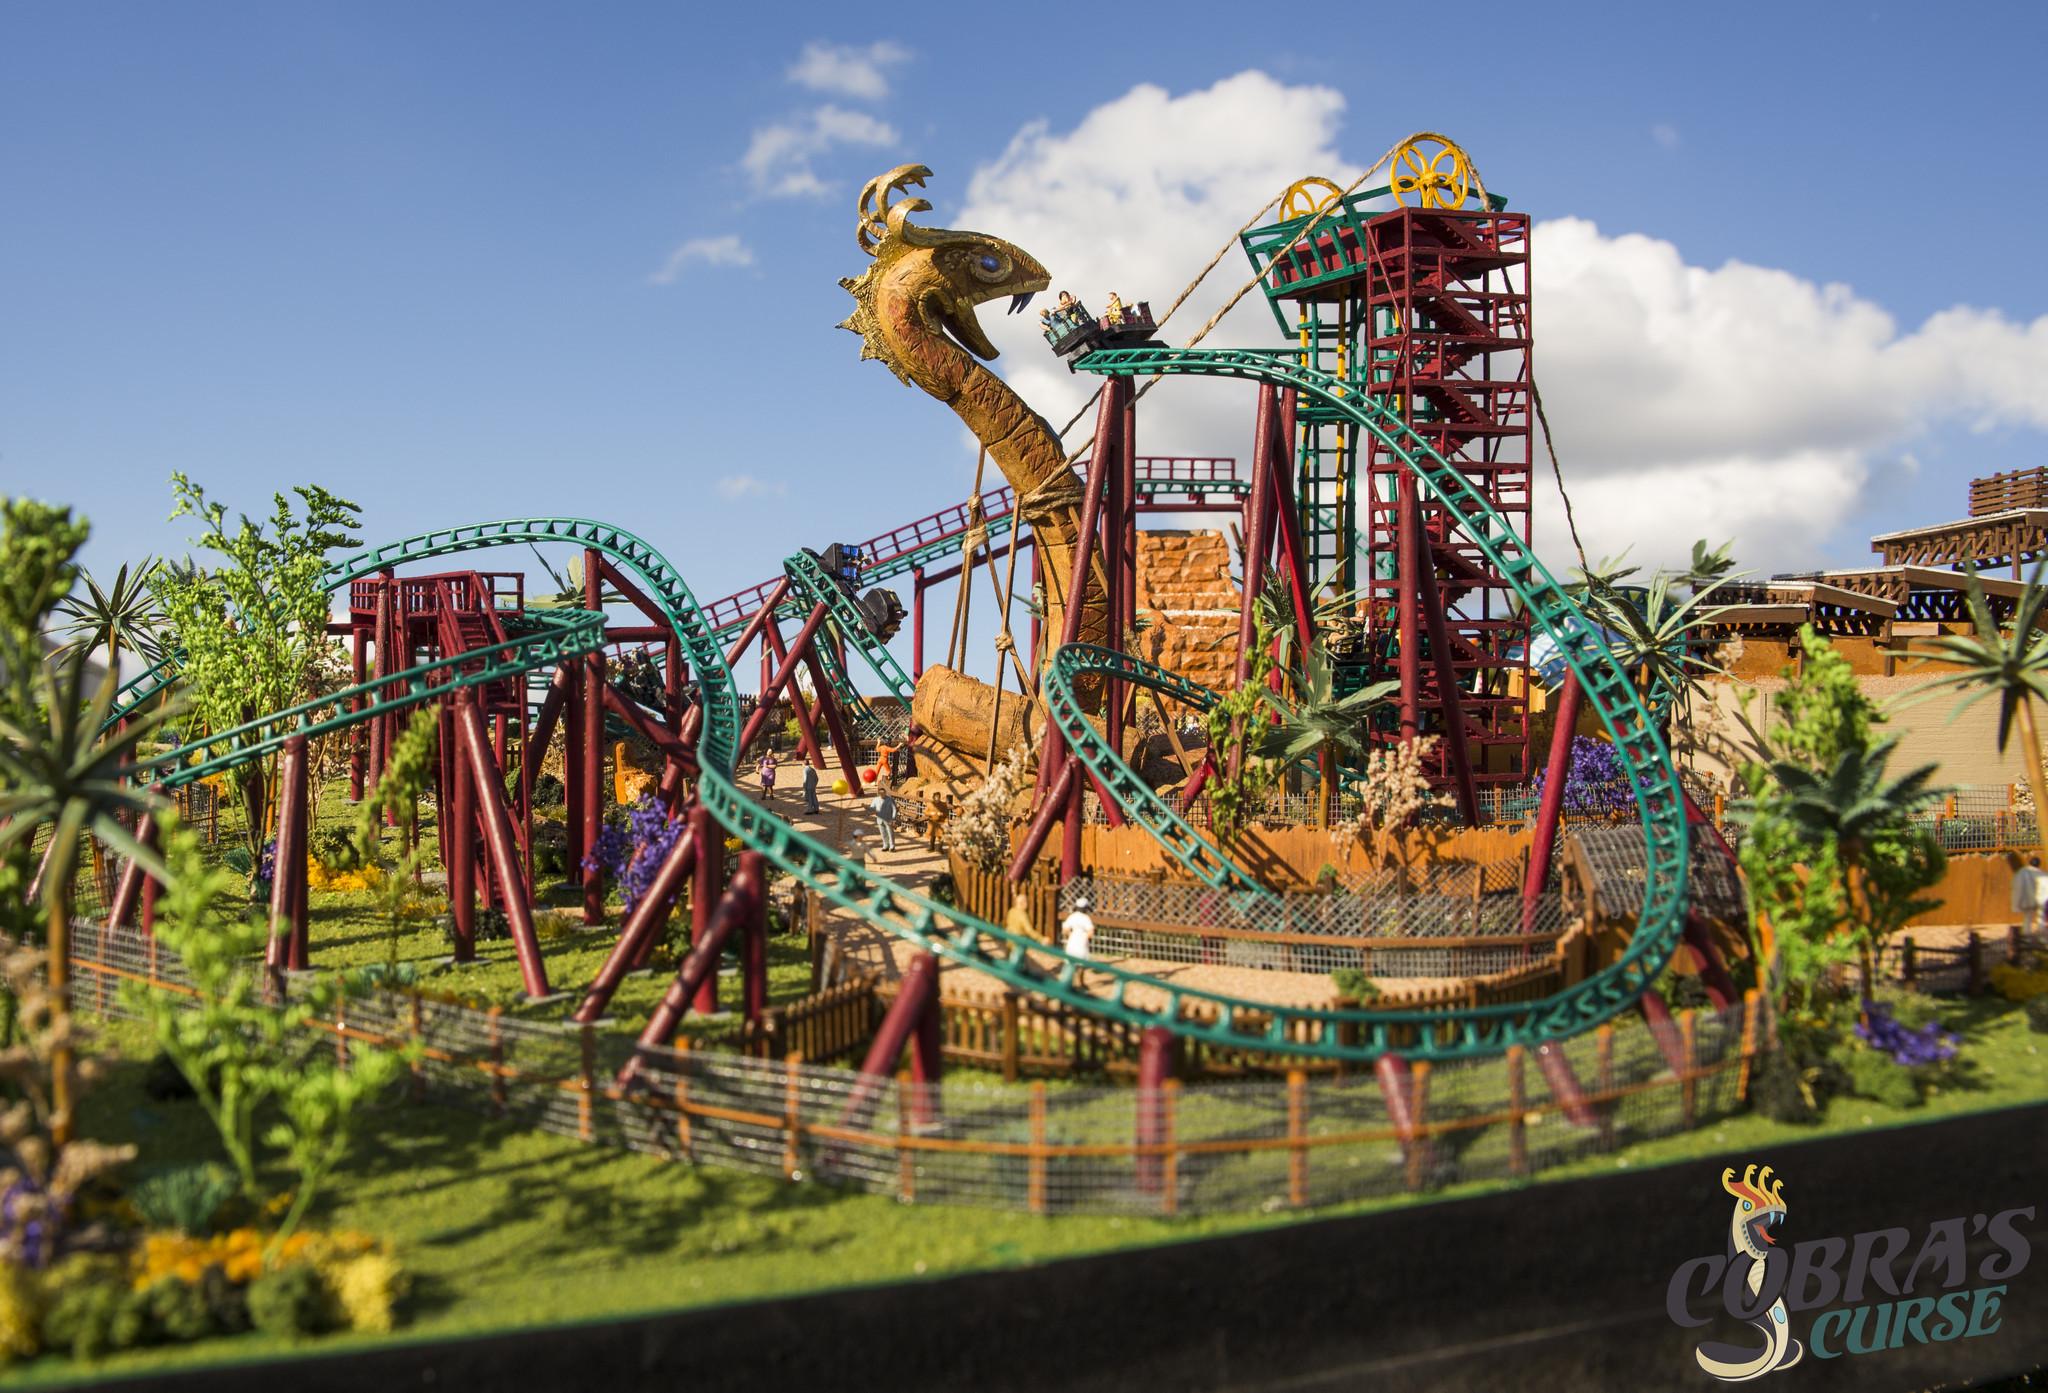 Busch Gardens Shares Details About Cobra 39 S Curse Roller